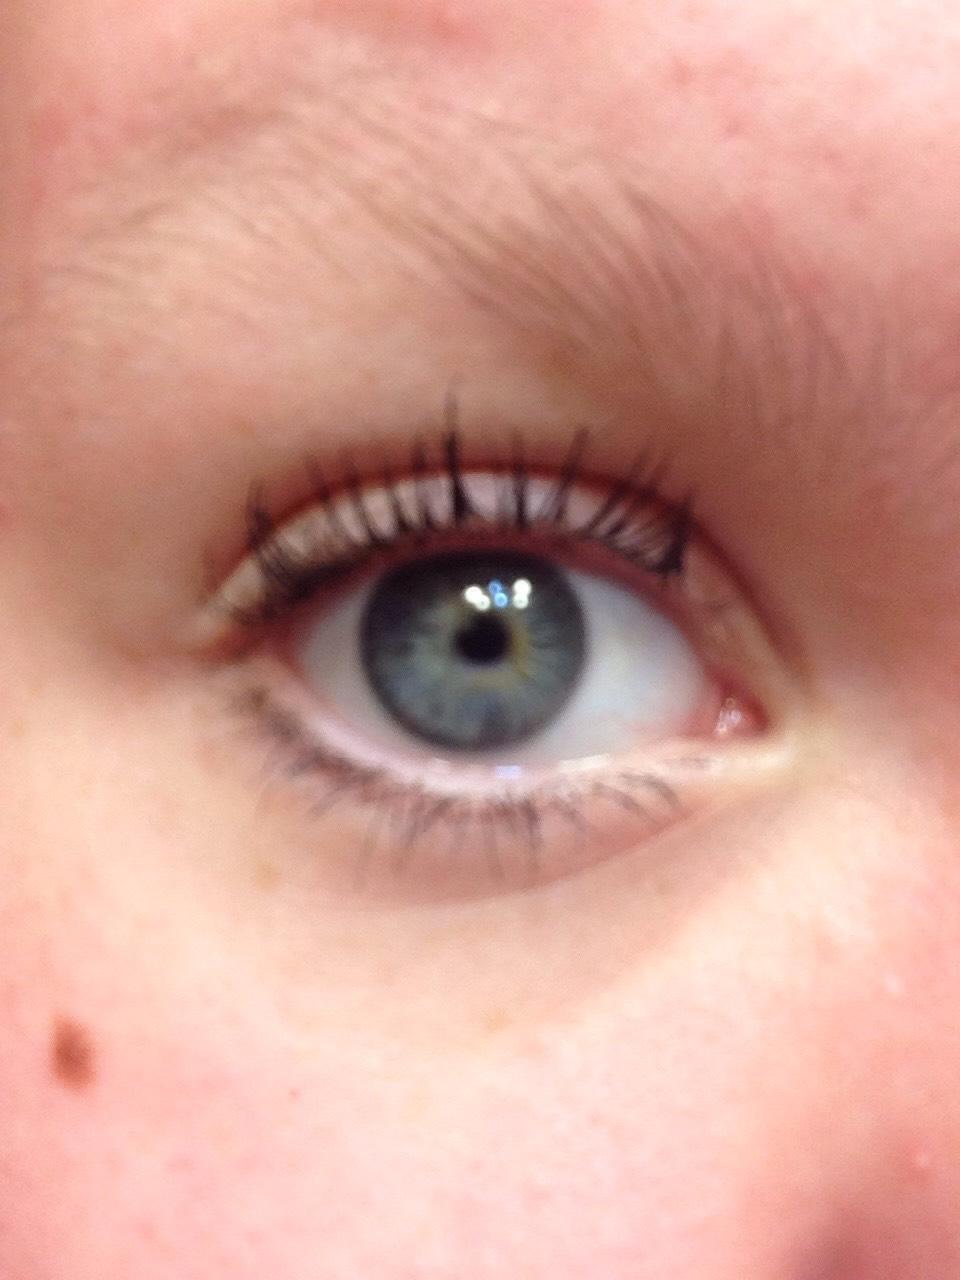 Start with you usual mascara on the eyelashes